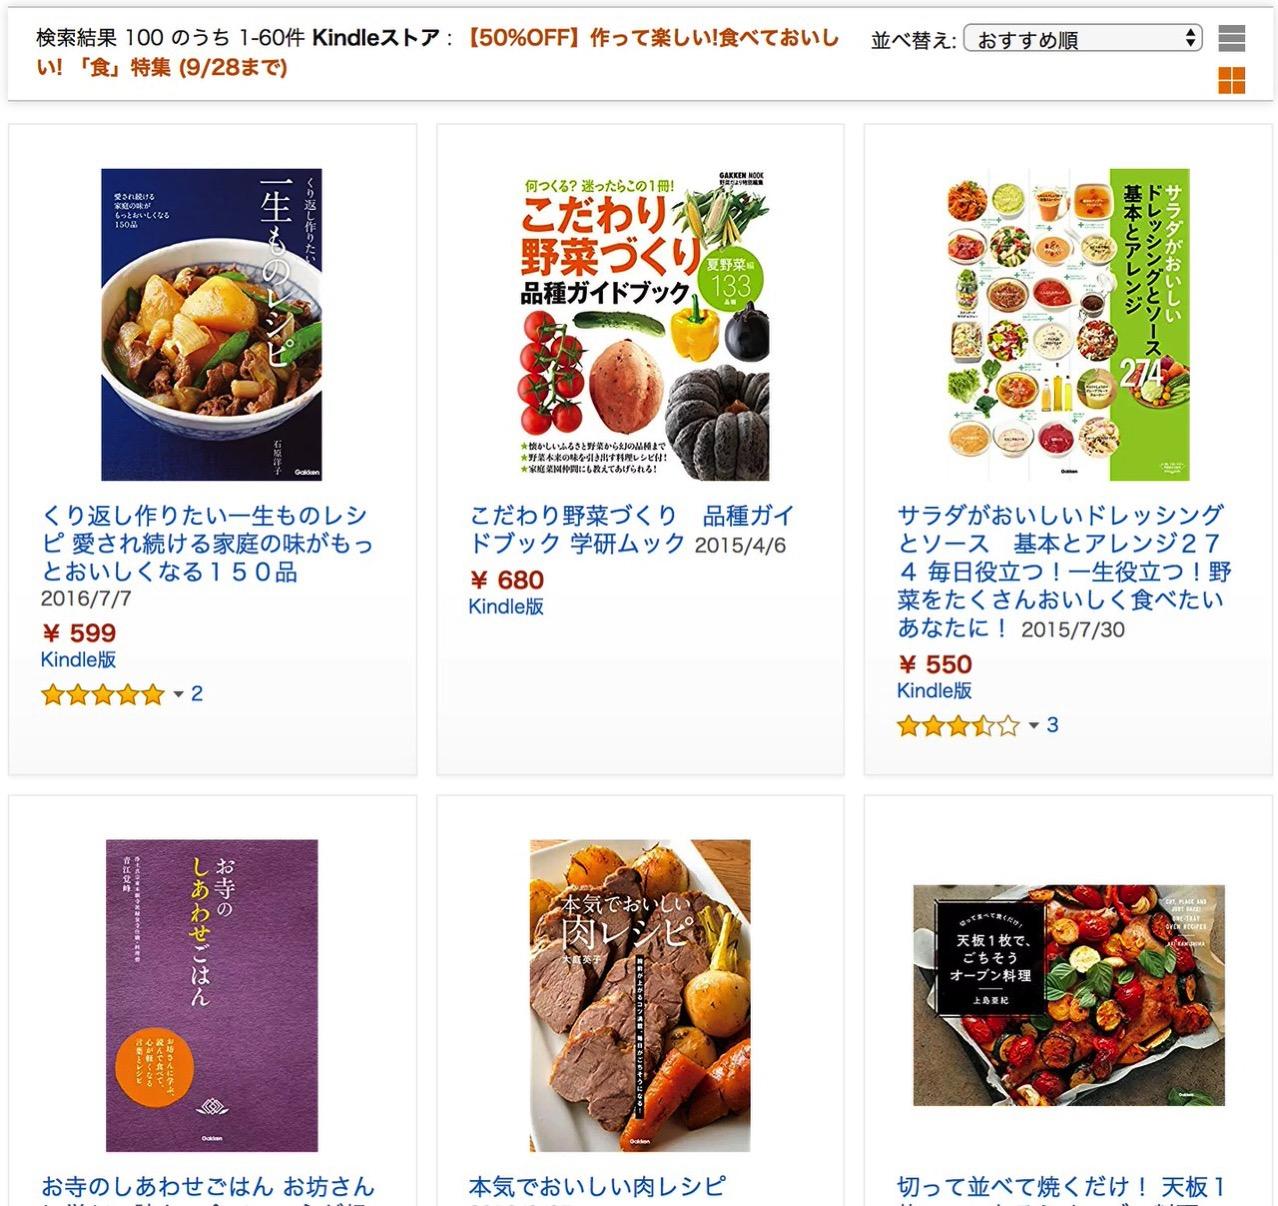 【Kindleセール】50%OFF!作って楽しい!食べておいしい!「食」特集(9/28まで)